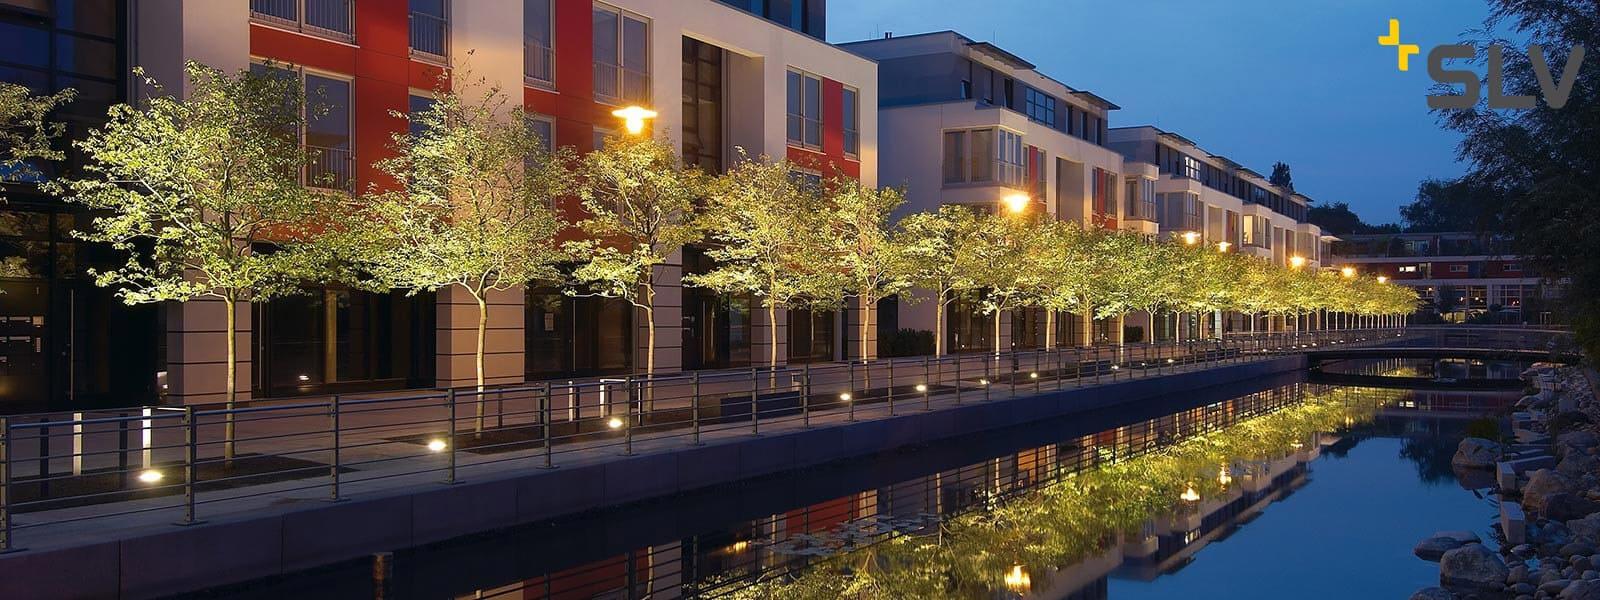 Bomen aanlichten? Tips voor verlichting in de tuin of op het balkon ...